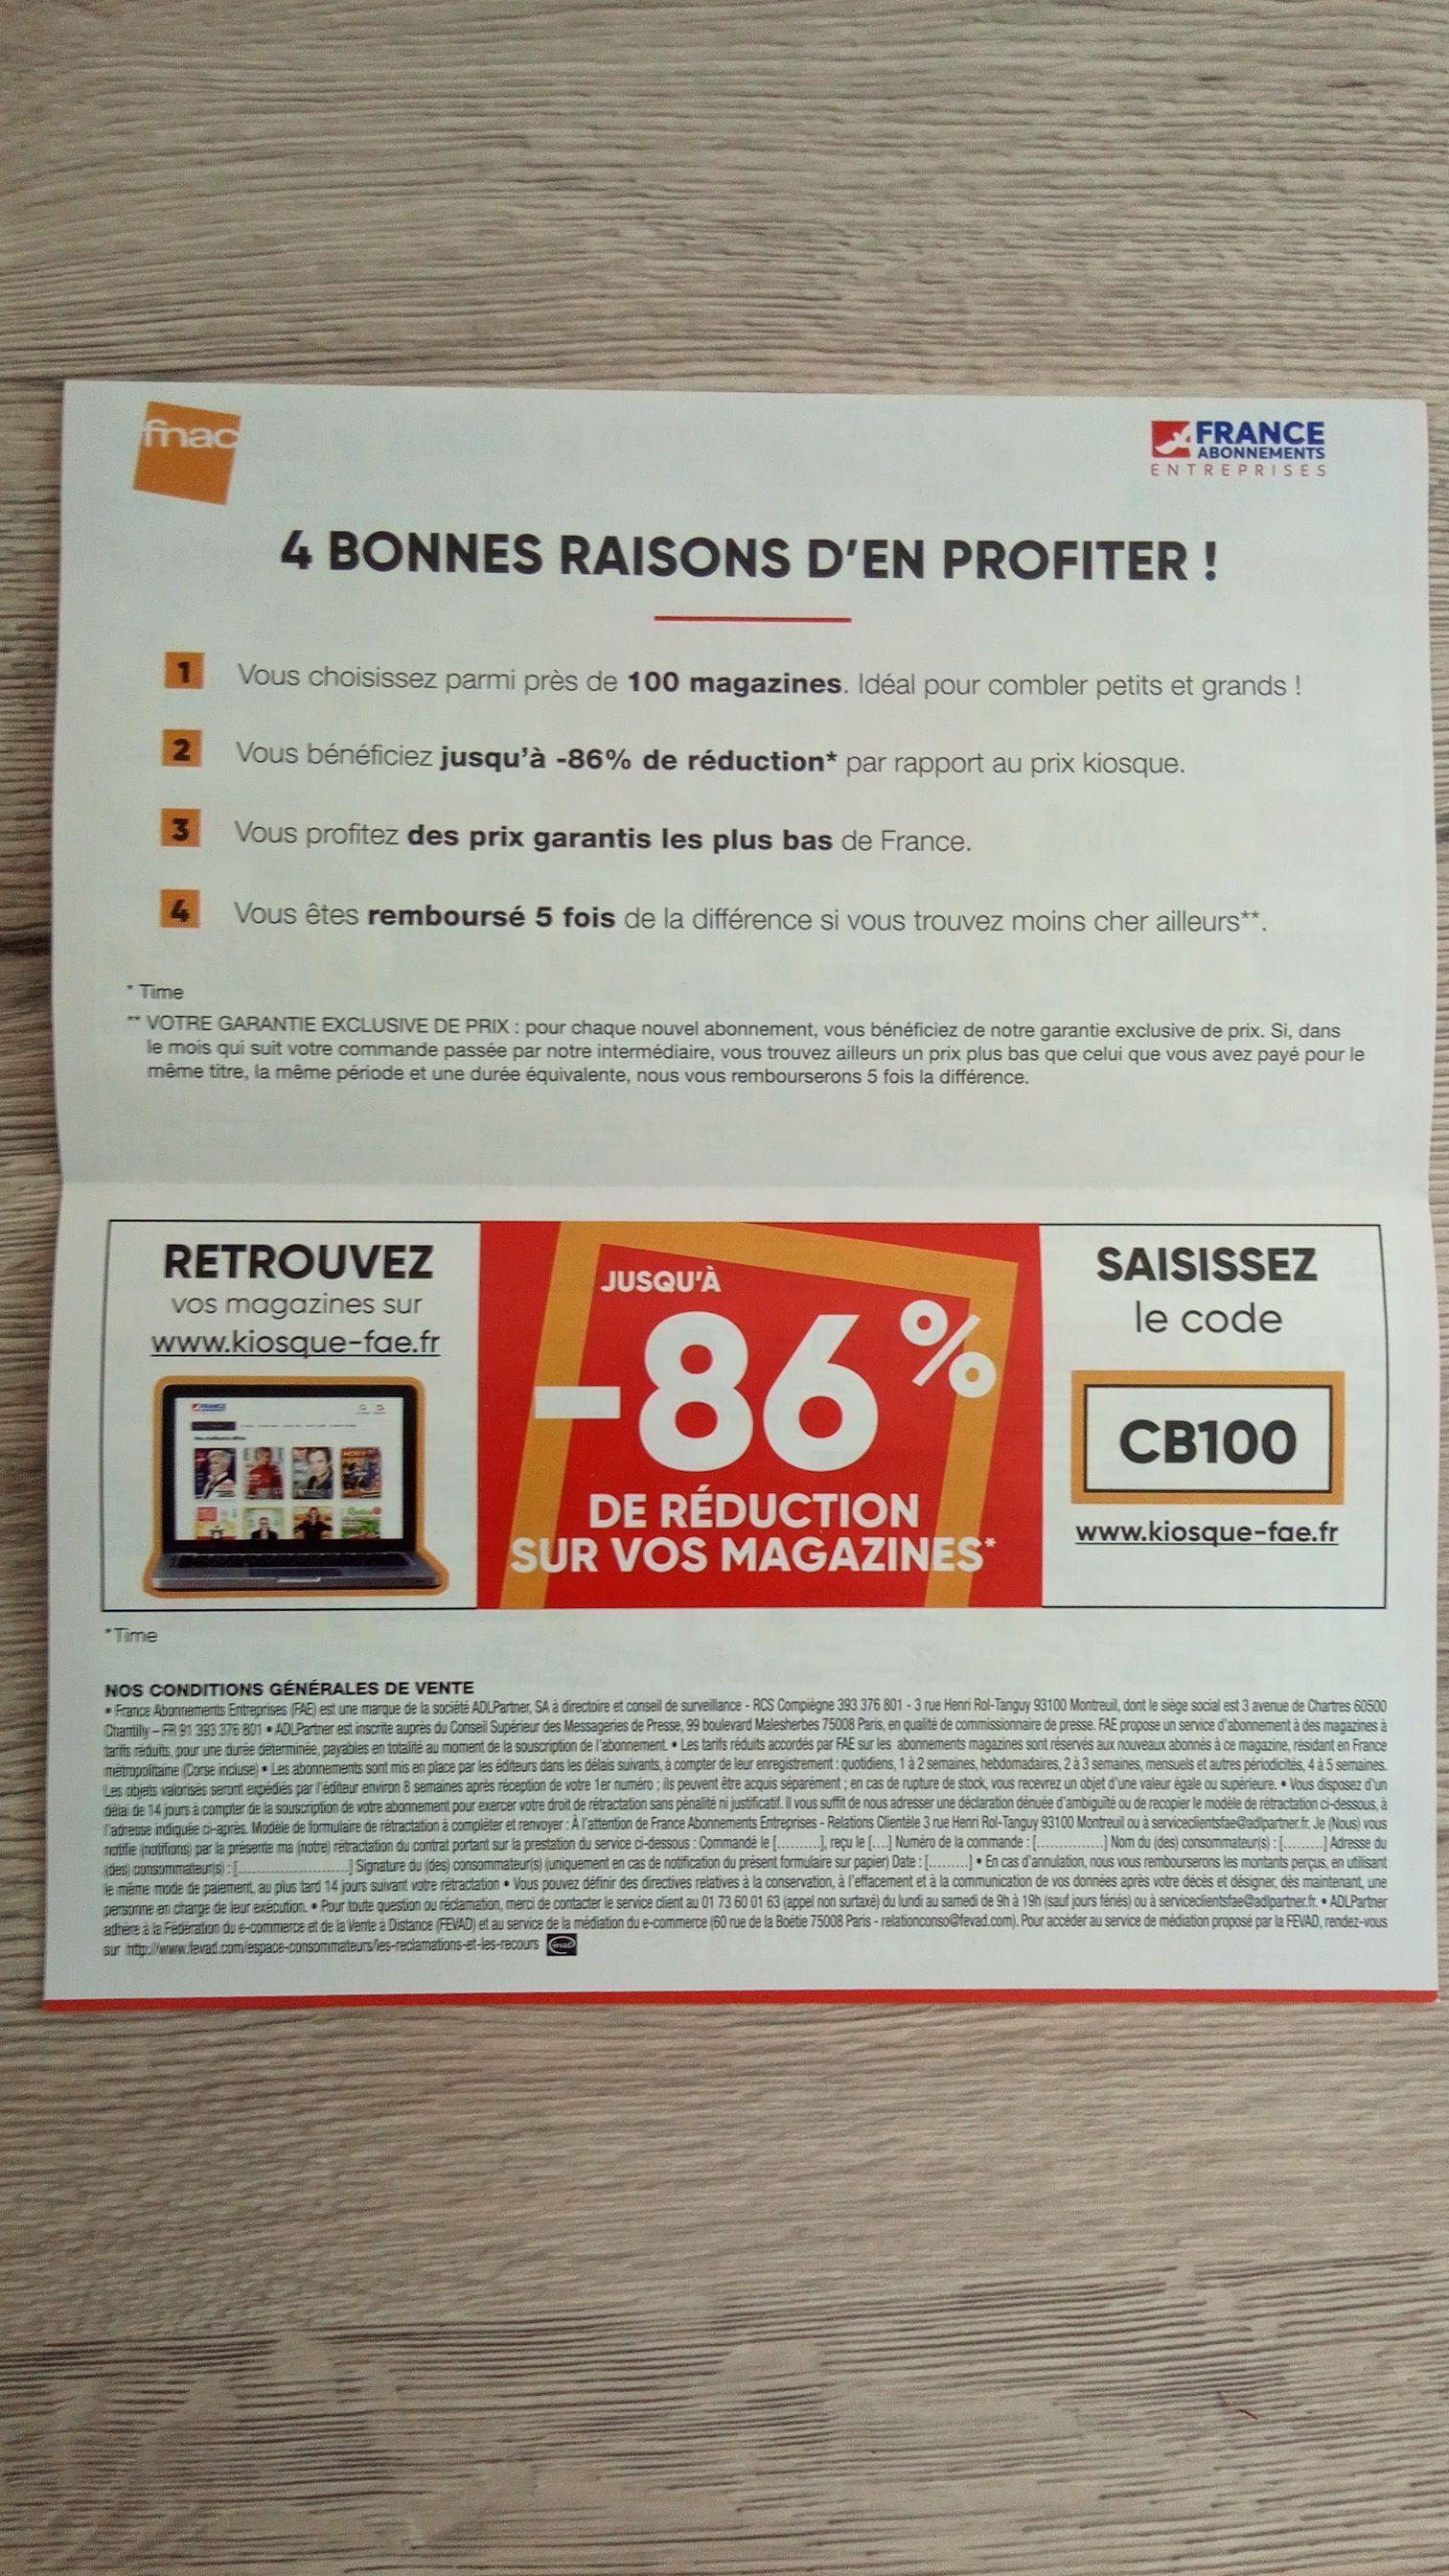 Jusqu'à 86% de réduction sur vos magazines